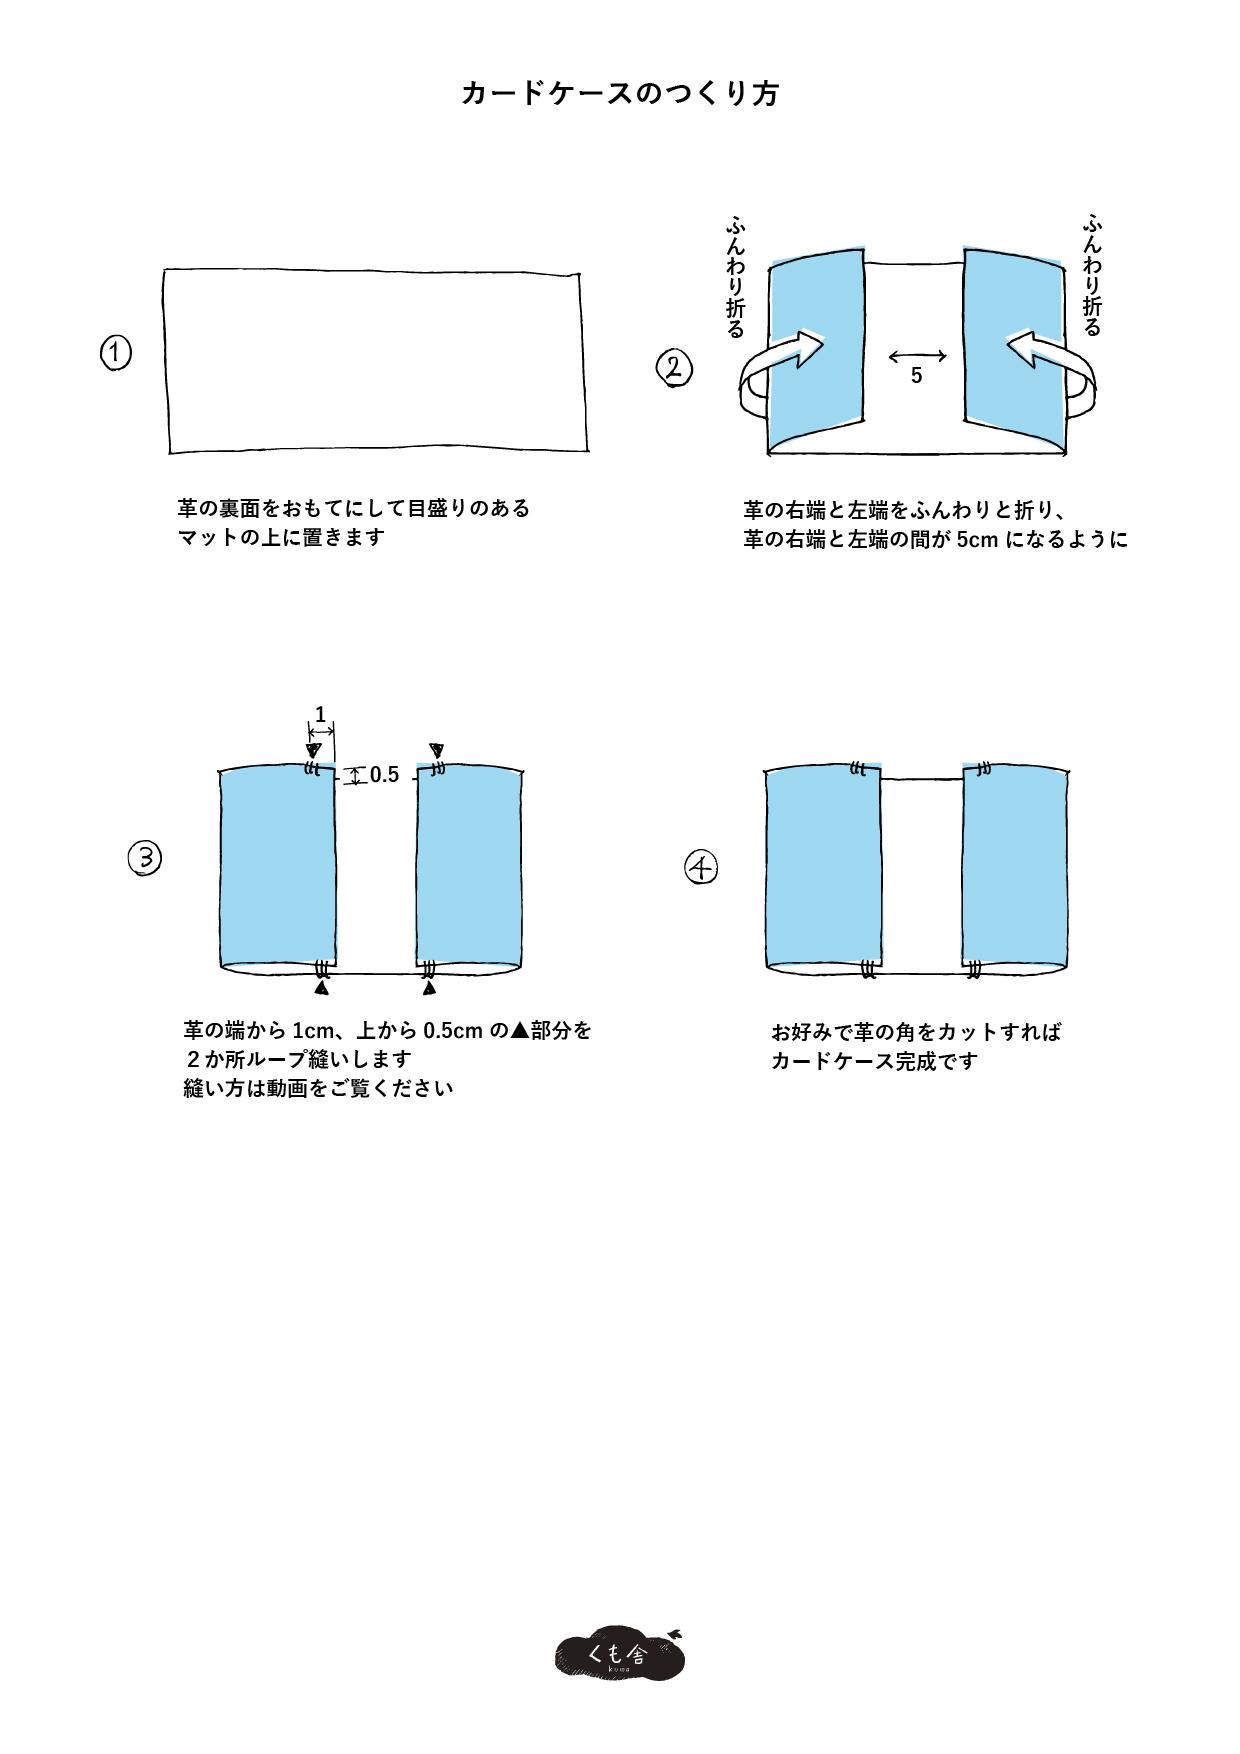 トラベラーズノートカバーの作り方-03